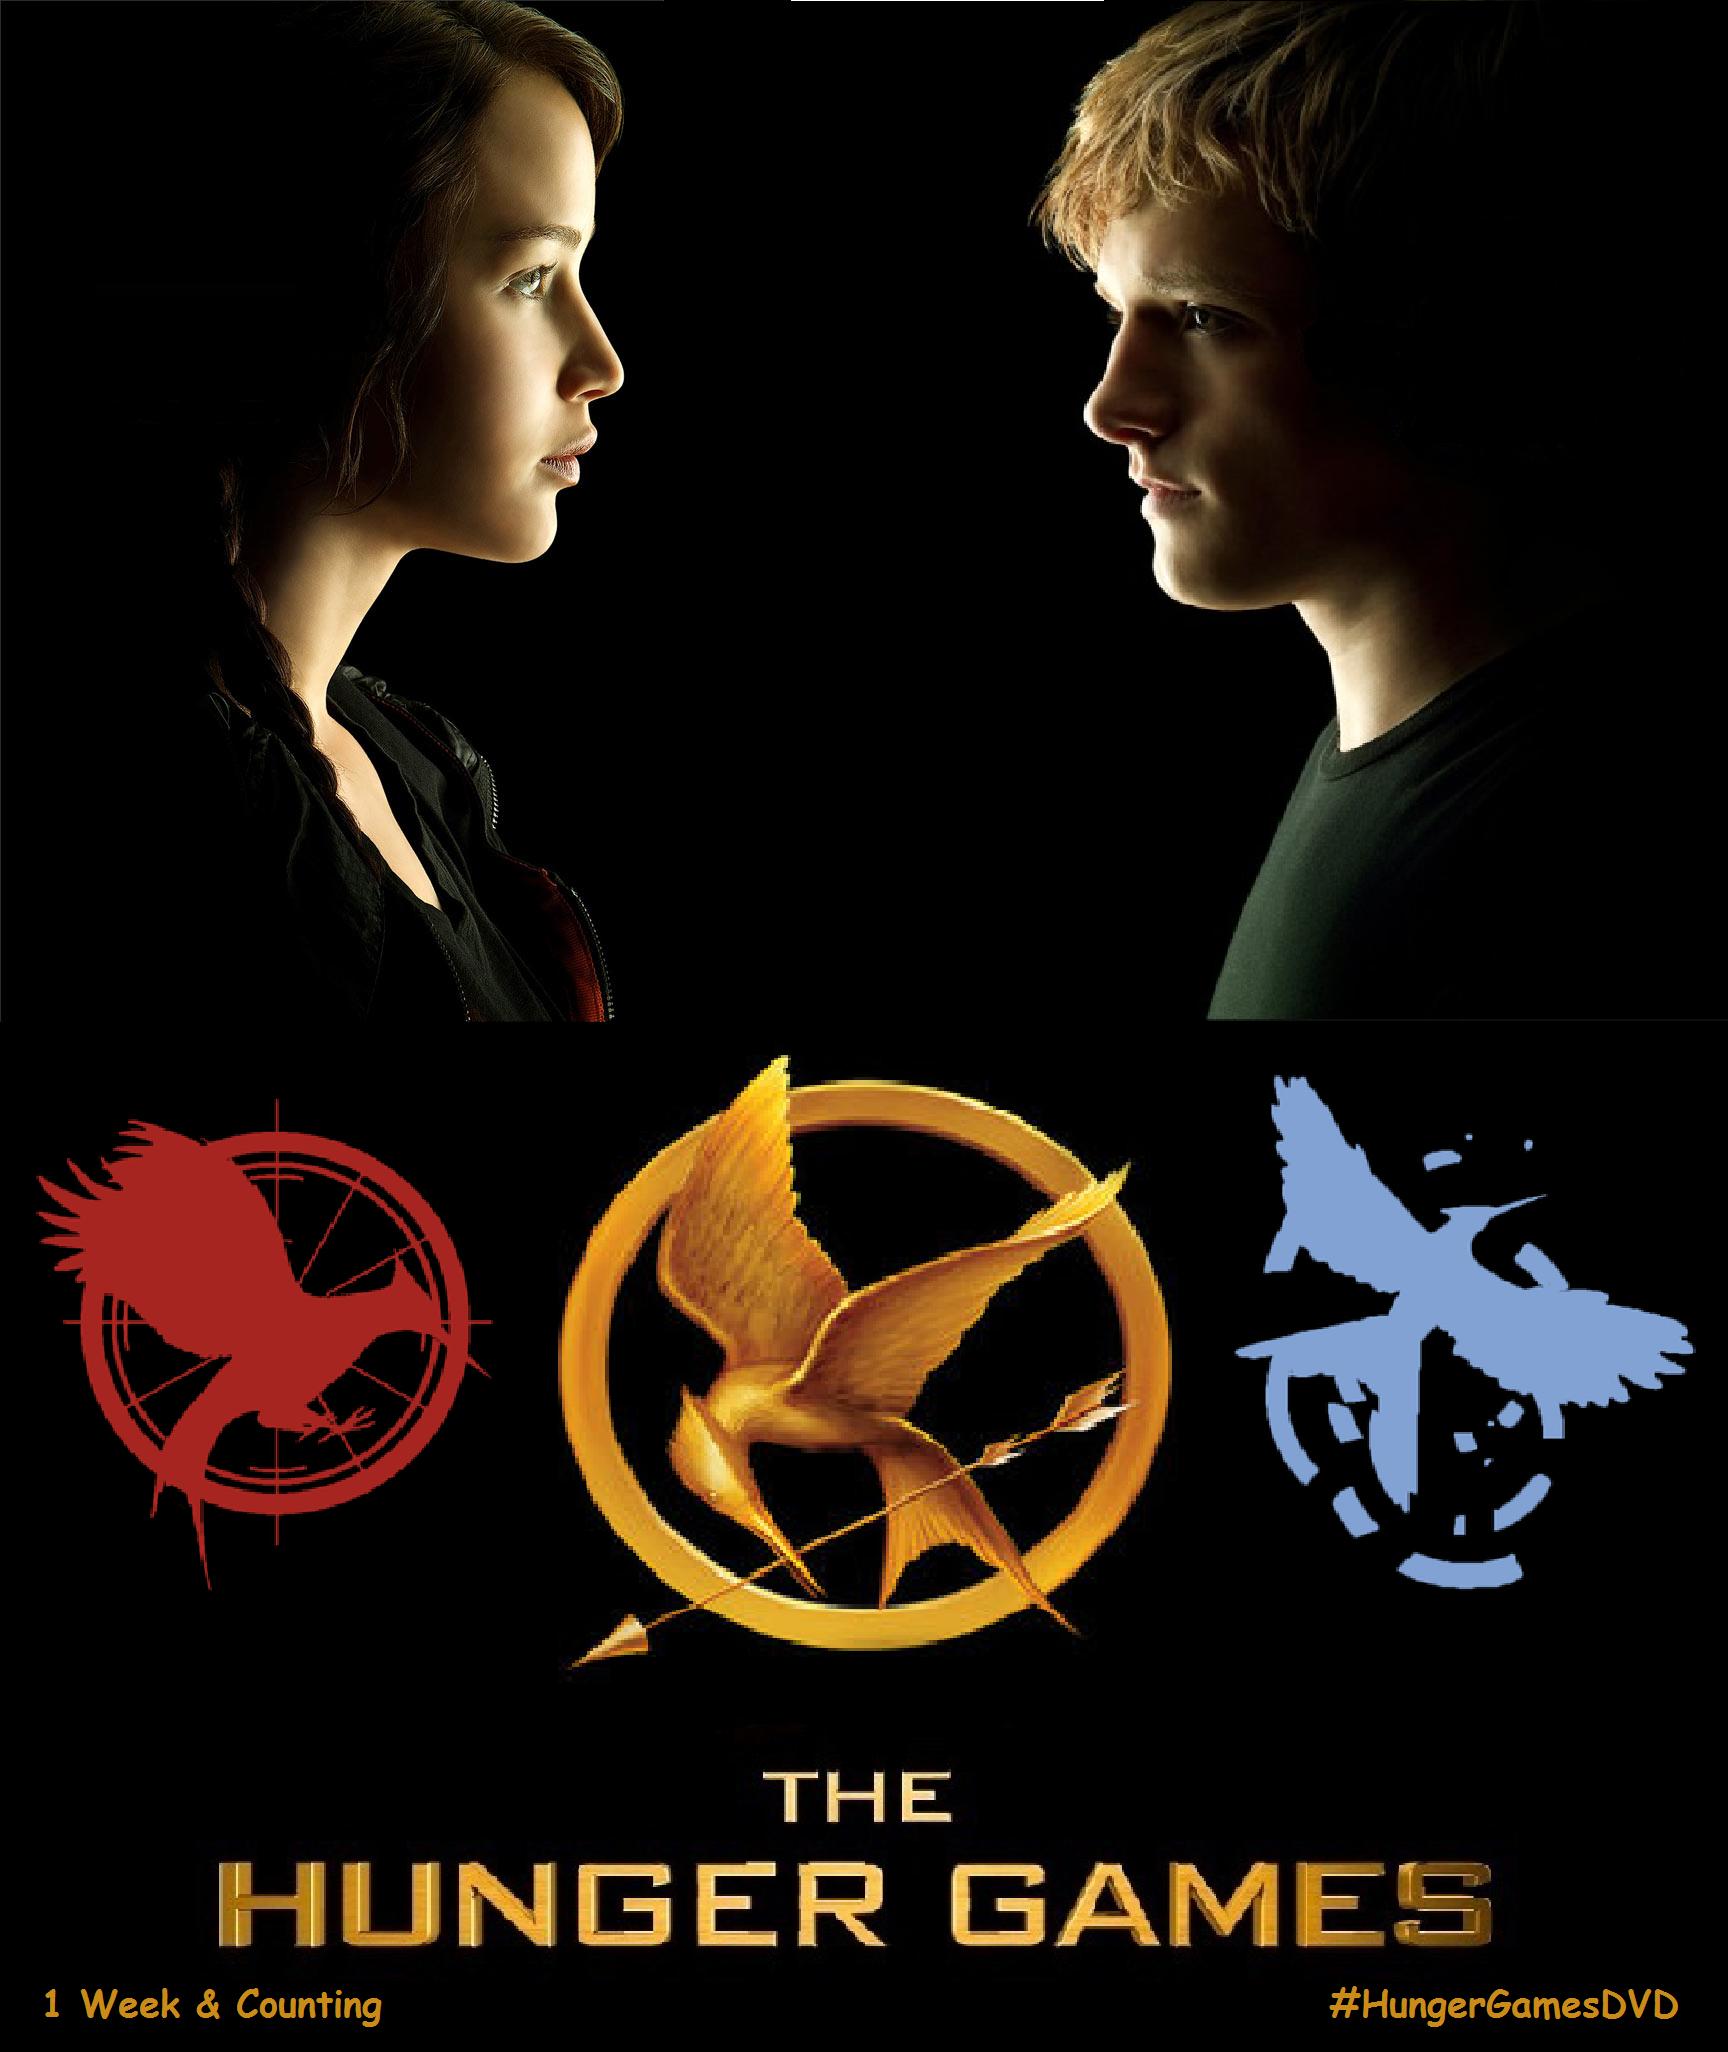 Hungergamesdvd Hunger Games Hunger Games 2 The Hunger Games 1